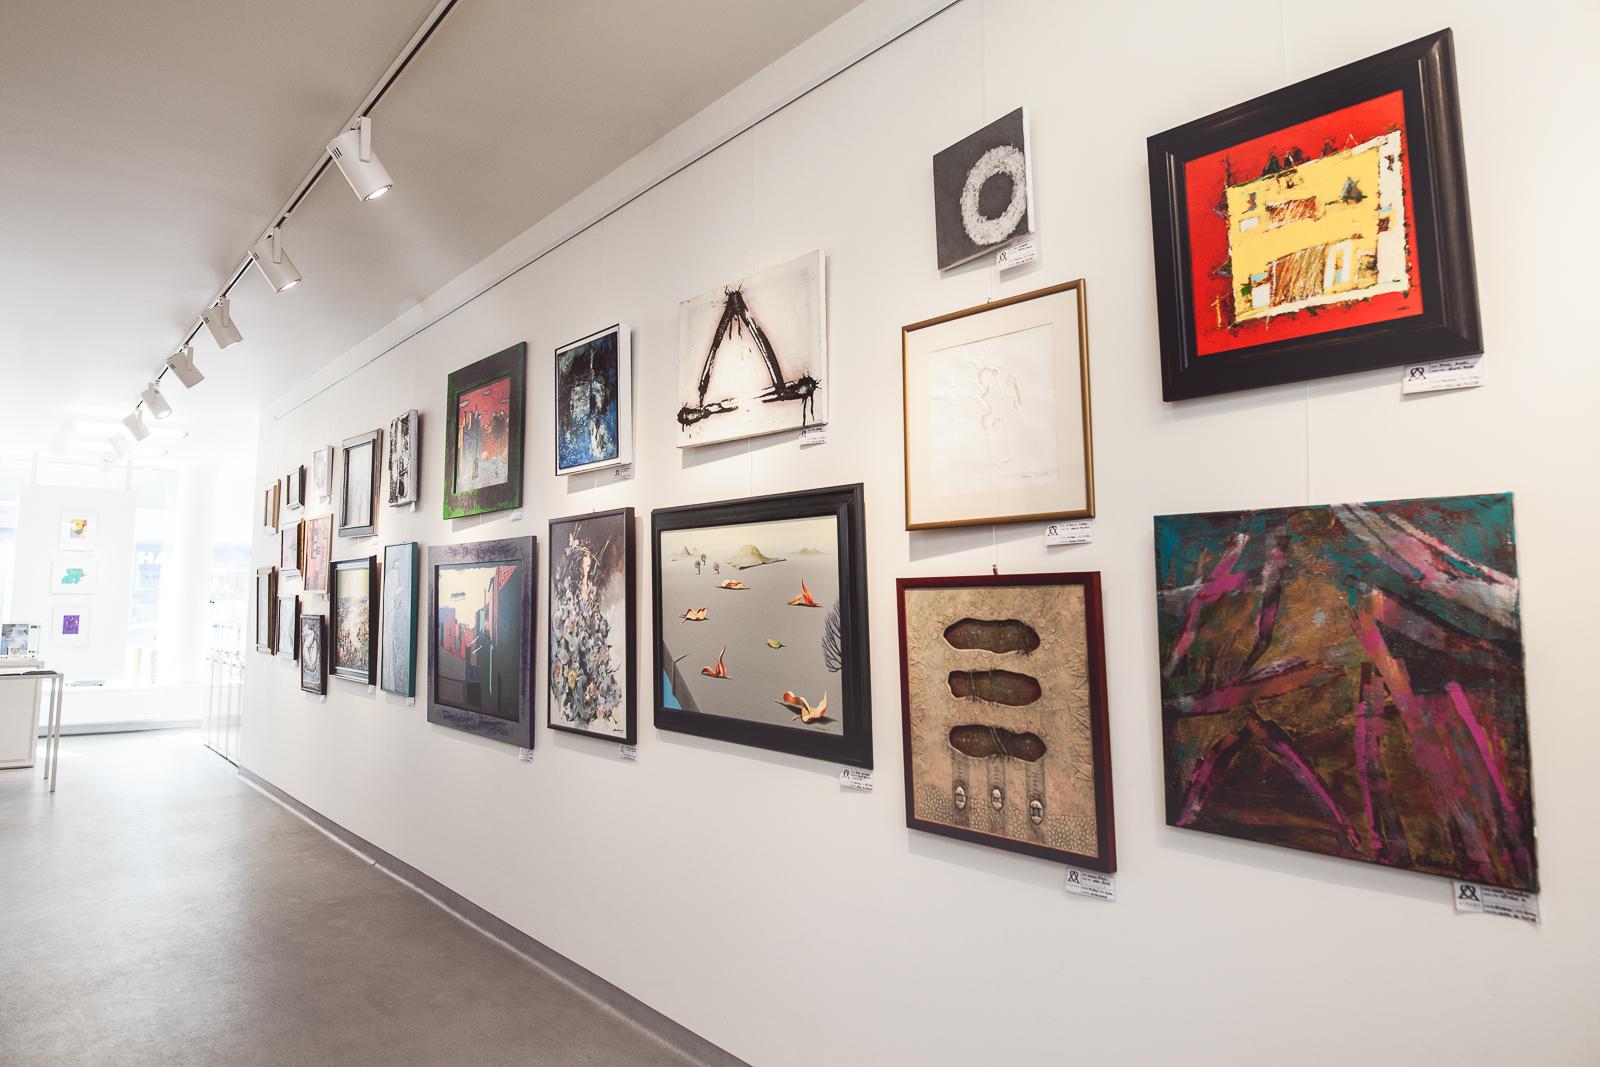 Prodej obrazů a umění - galerie DioArt